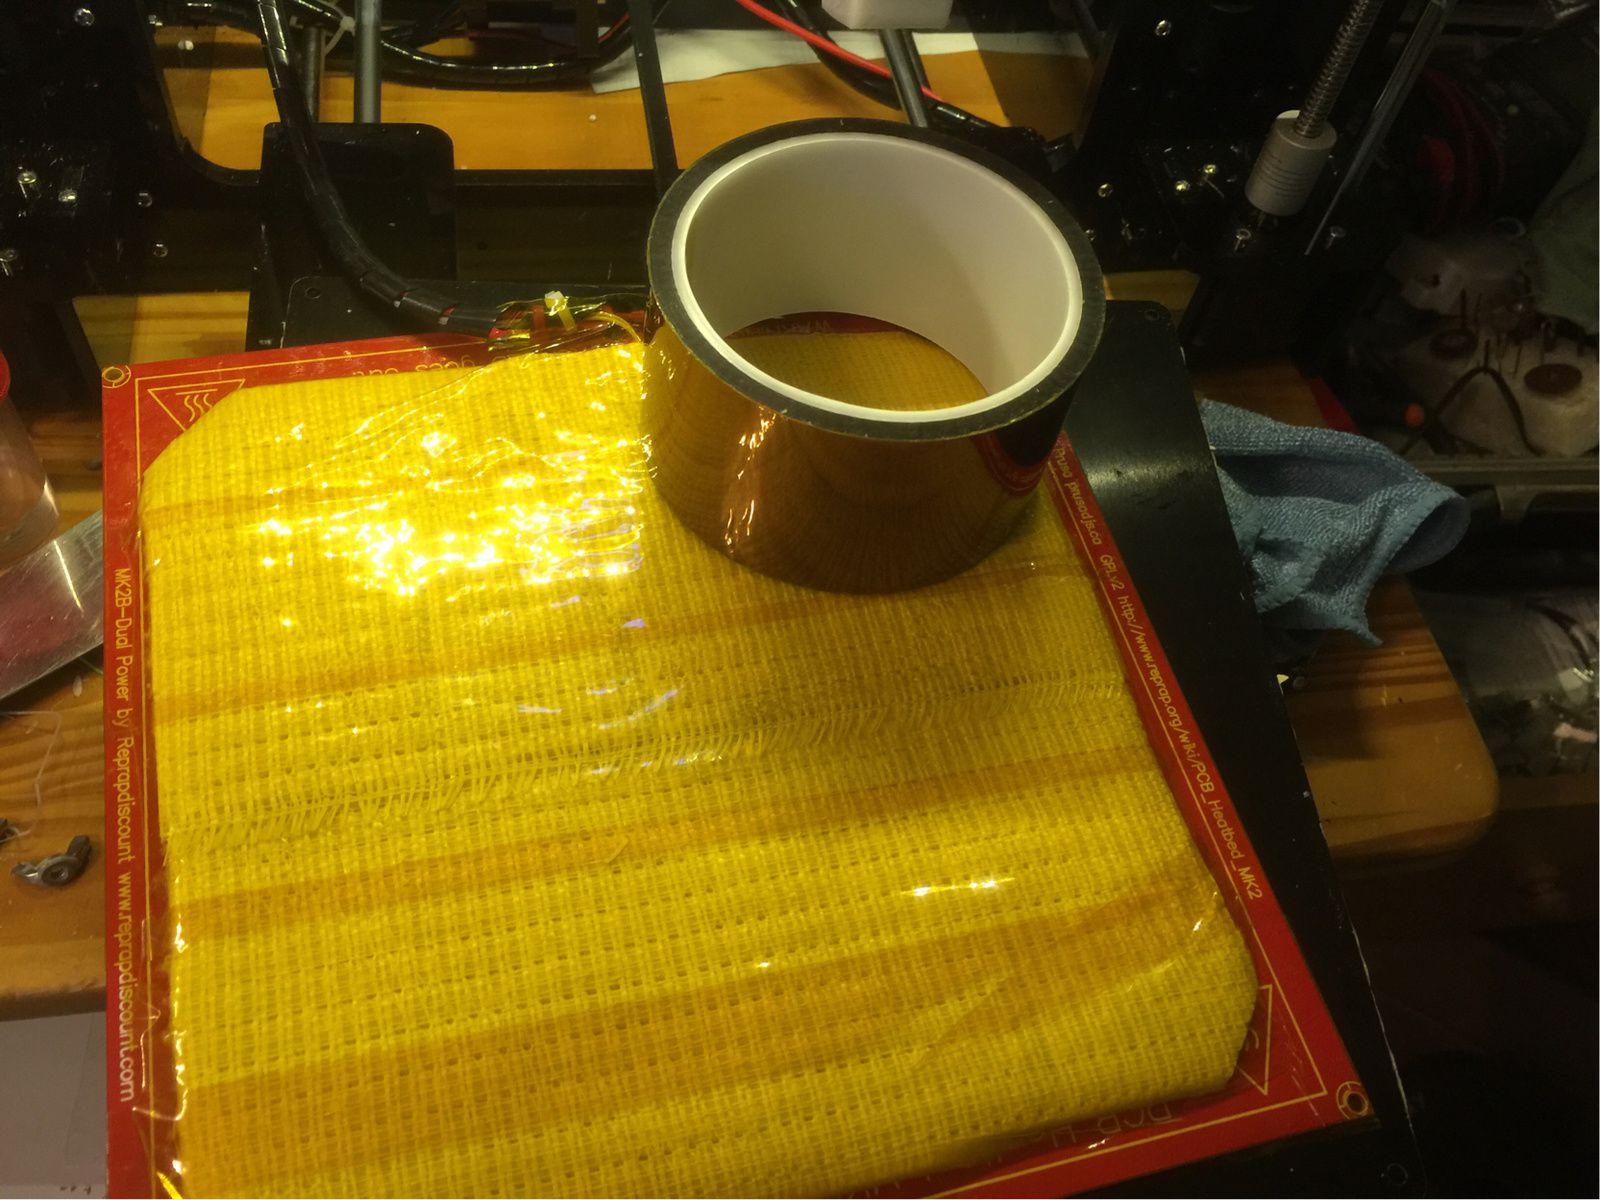 Couper aussi les 4 coins de l'isolant et fixer avec l'adhésif haute température sur le DESSOUS de la plaque (replié de 1cm de l'autre coté de la plaque chauffante)